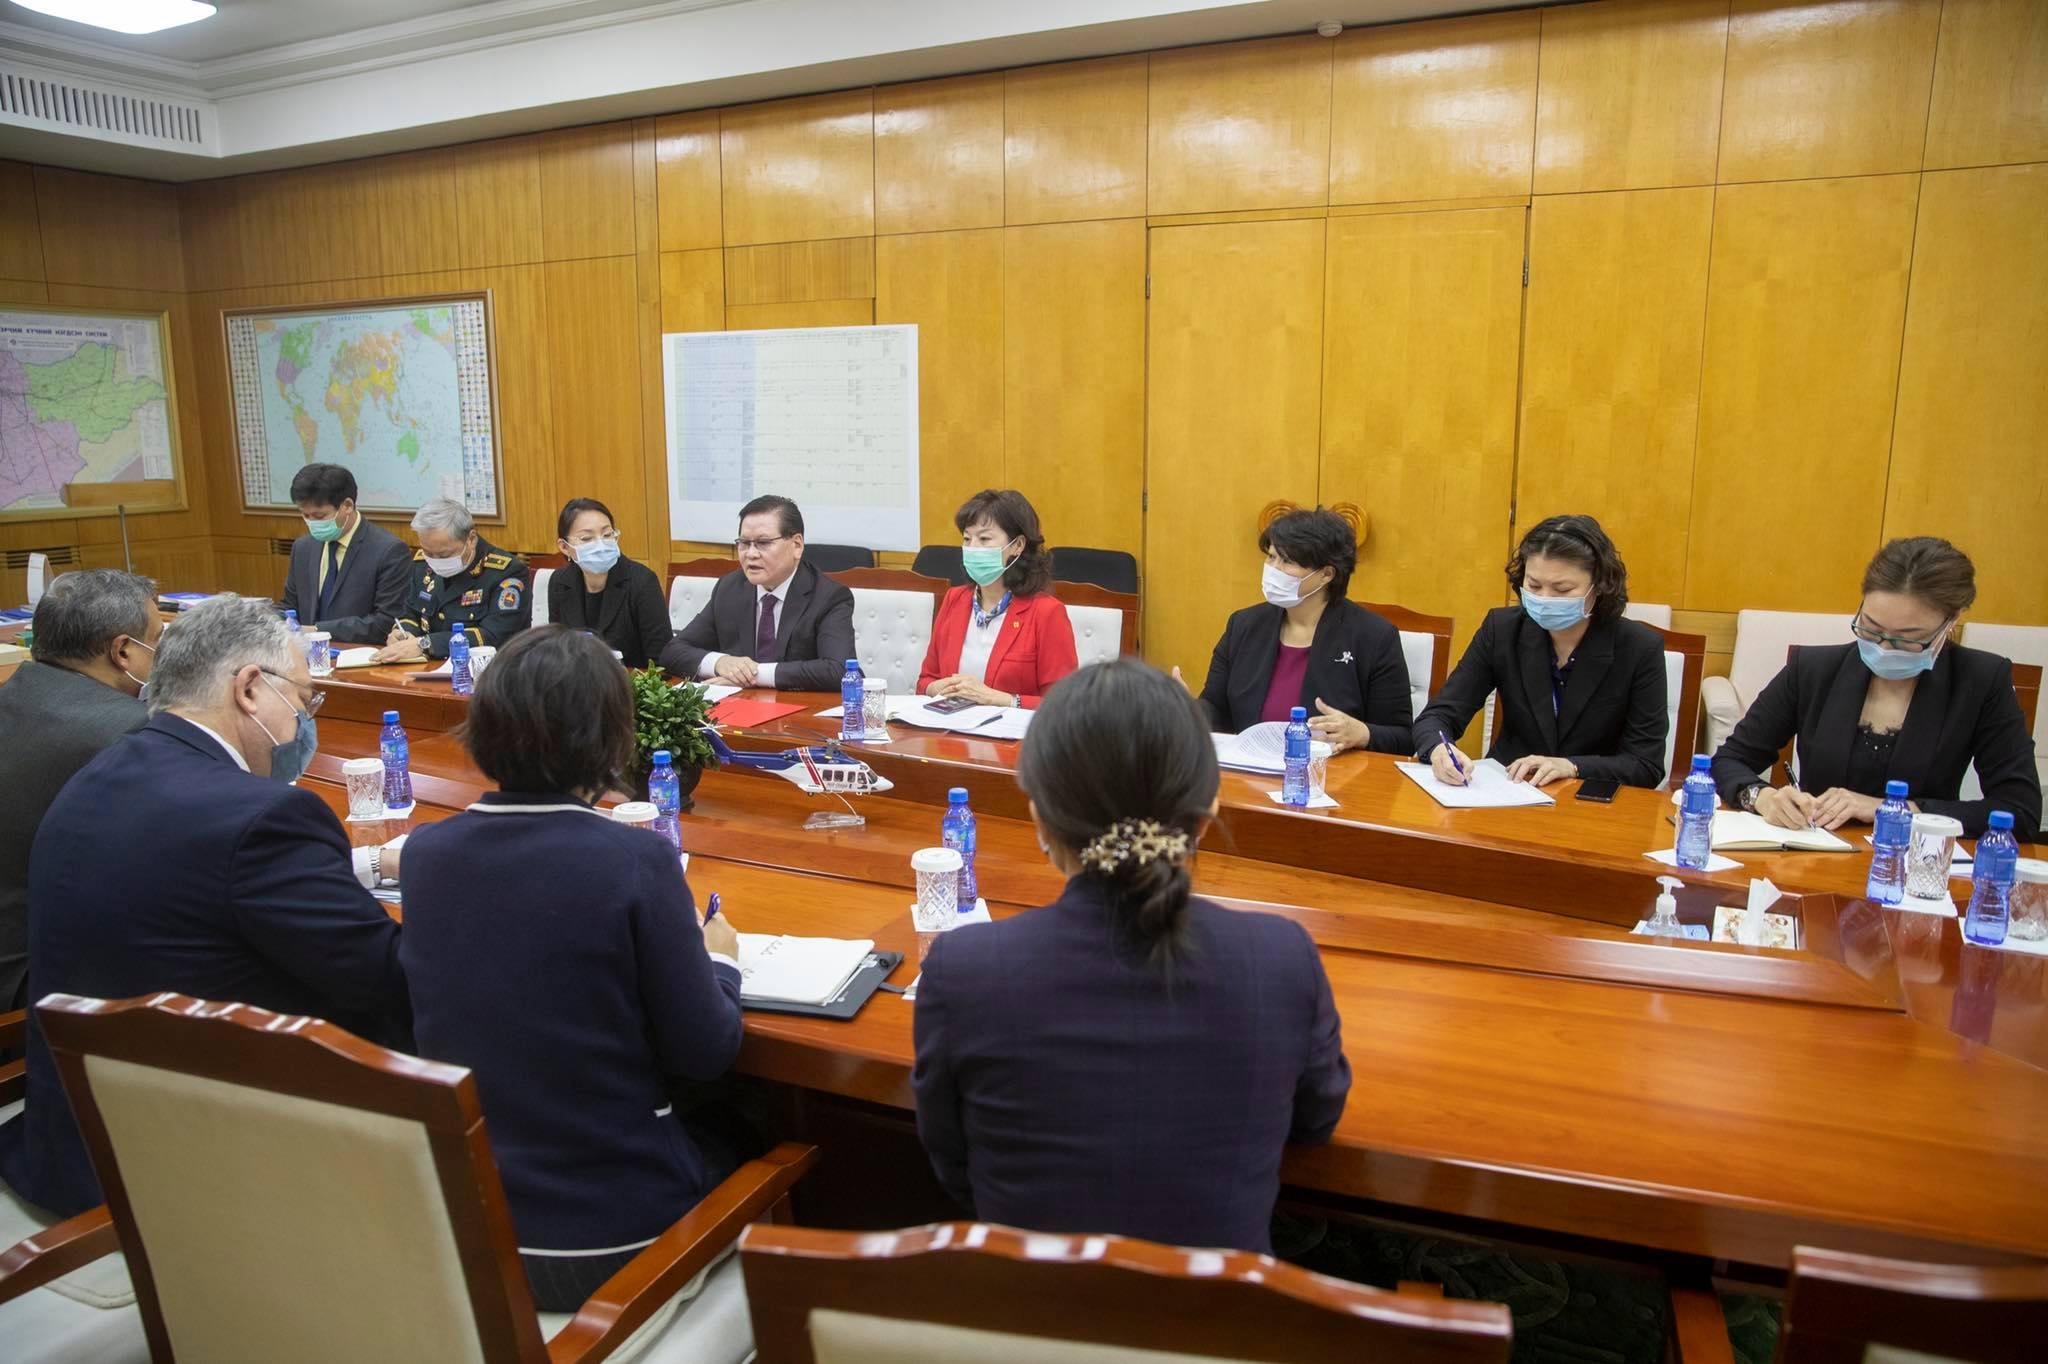 УОК-ын дарга Ө.Энхтүвшин НҮБ-ын Суурин зохицуулагч, ДЭМБ-ын Суурин төлөөлөгч нарыг хүлээн авч уулзав